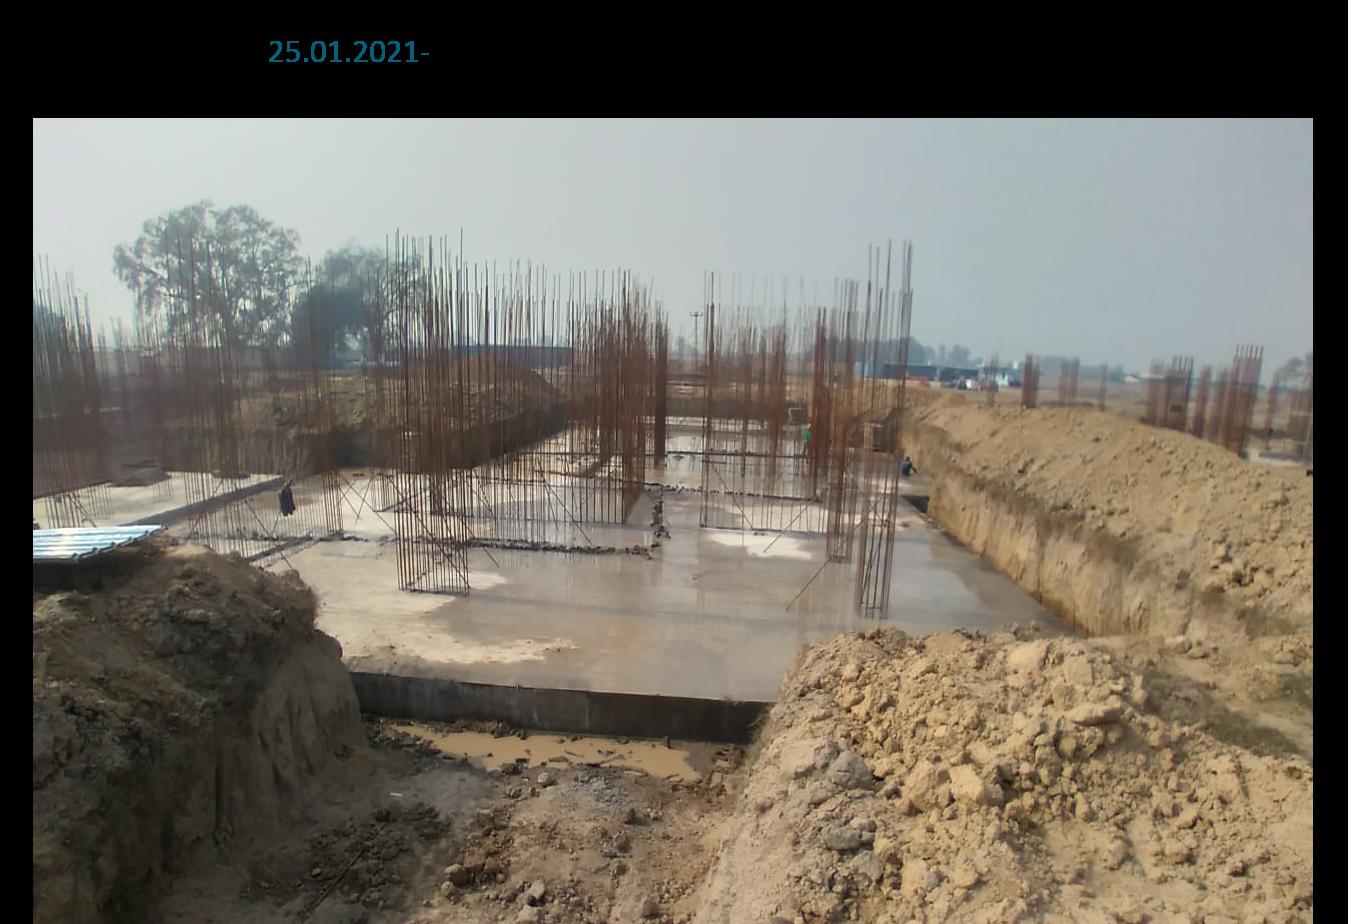 Hostel Block H7- Raft RCC work Completed 25.01.2021